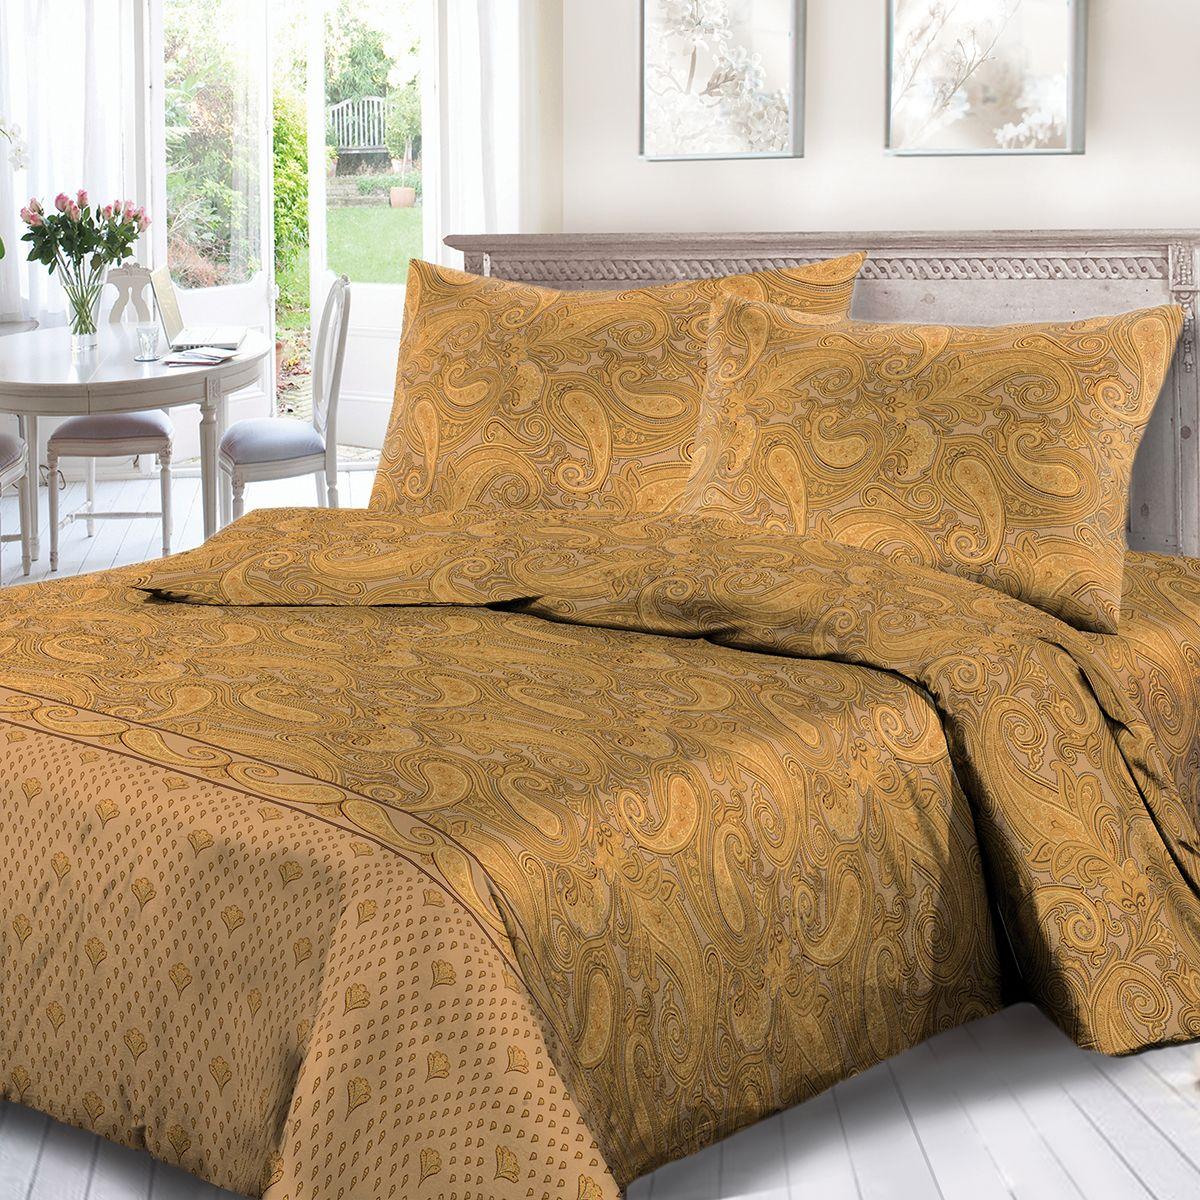 Комплект белья Сорренто Тадж Махал, 1,5 спальное, наволочки 70x70, цвет: коричневый. 1753-189094